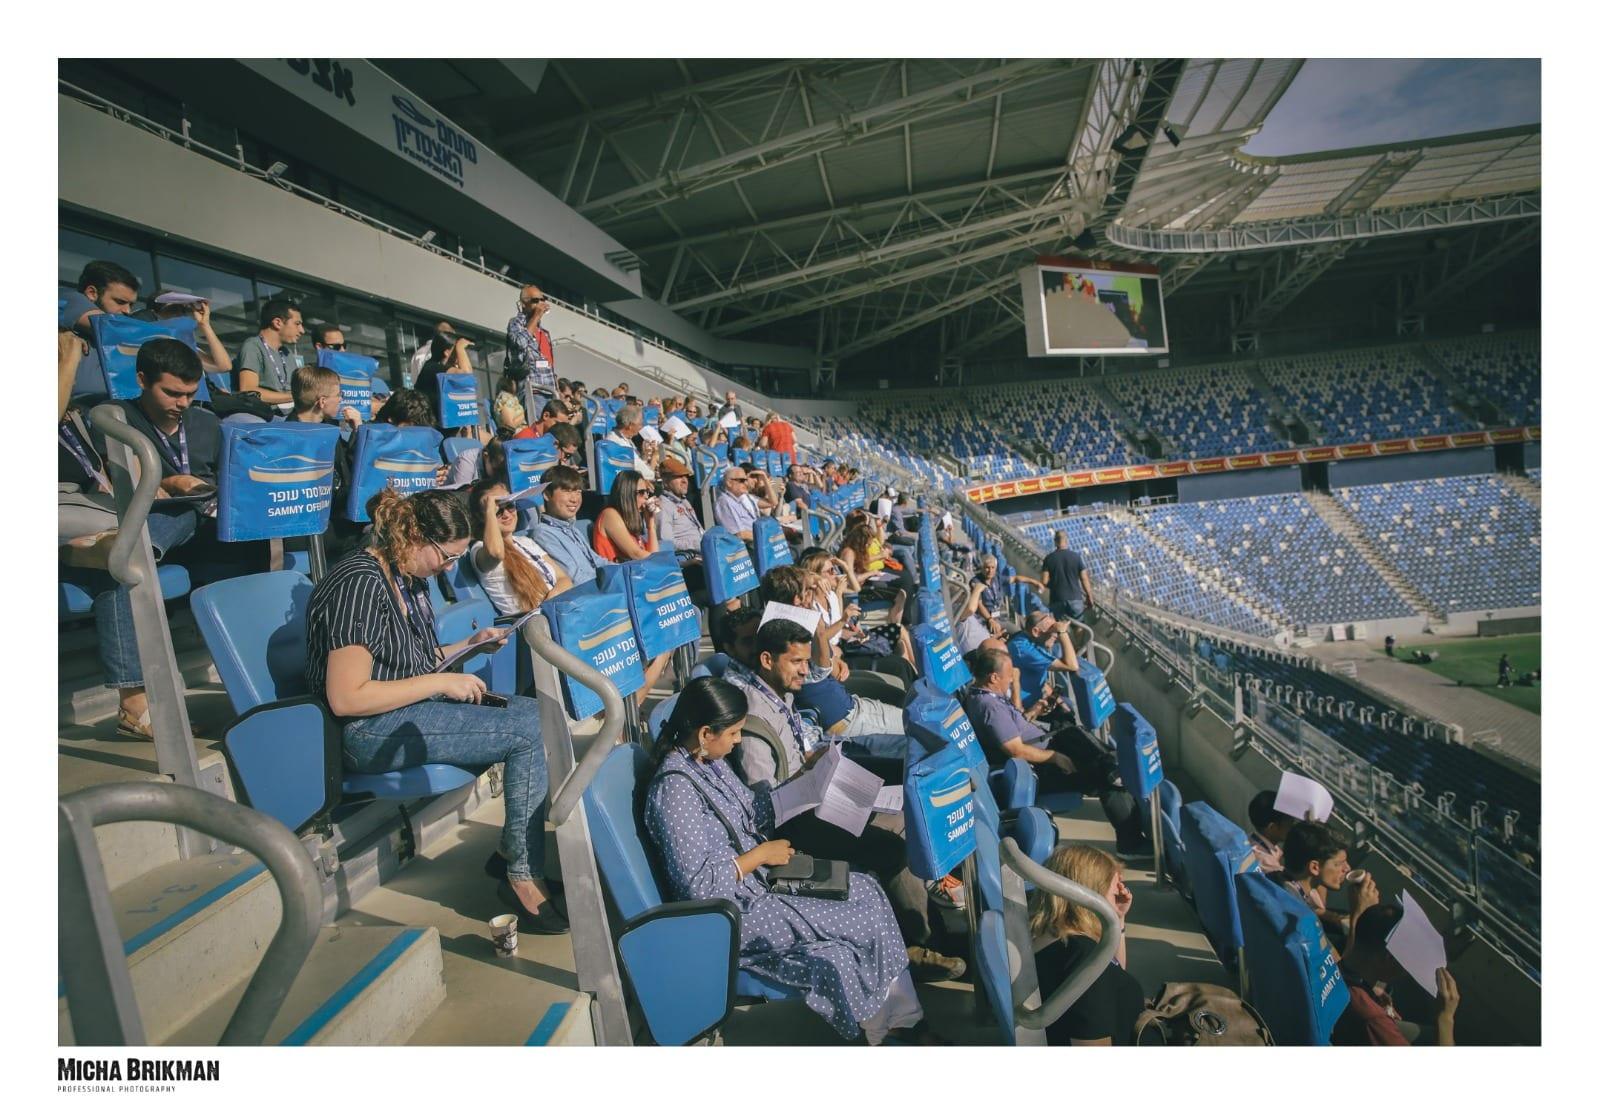 ביקור ביציעי האצטדיון השונים